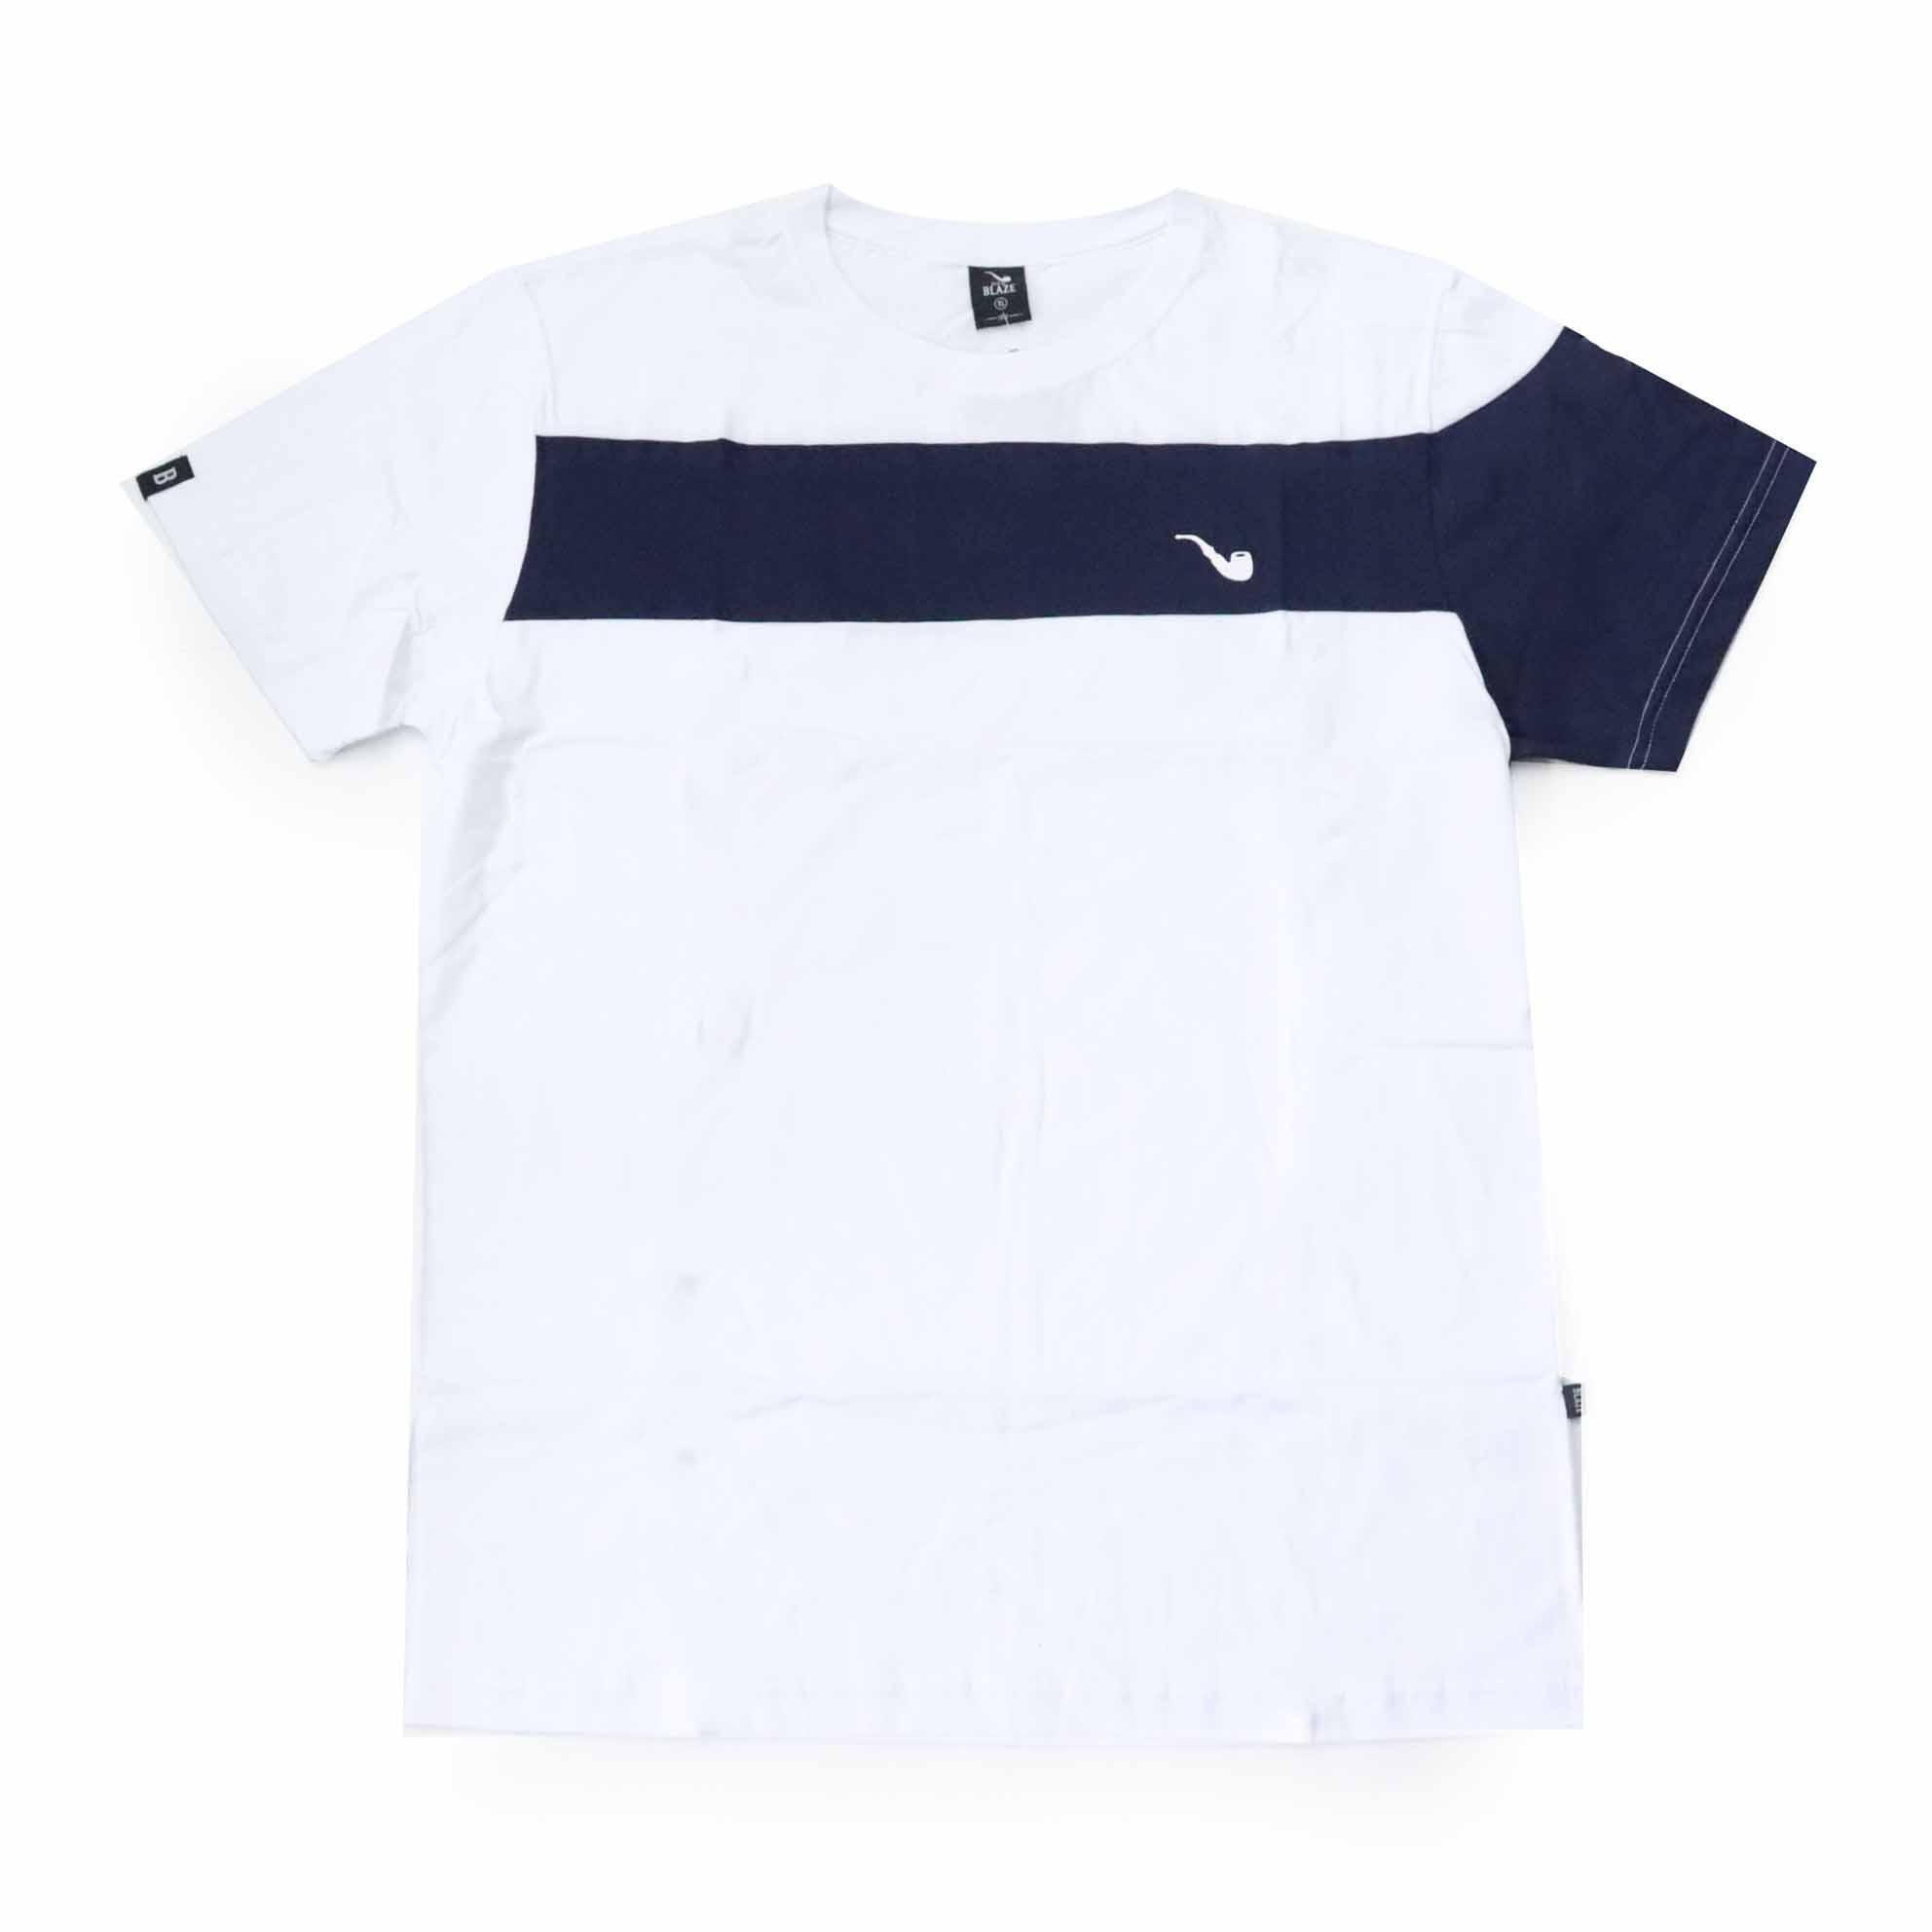 Camiseta Blaze Sash & Sleeve - Branco/Azul